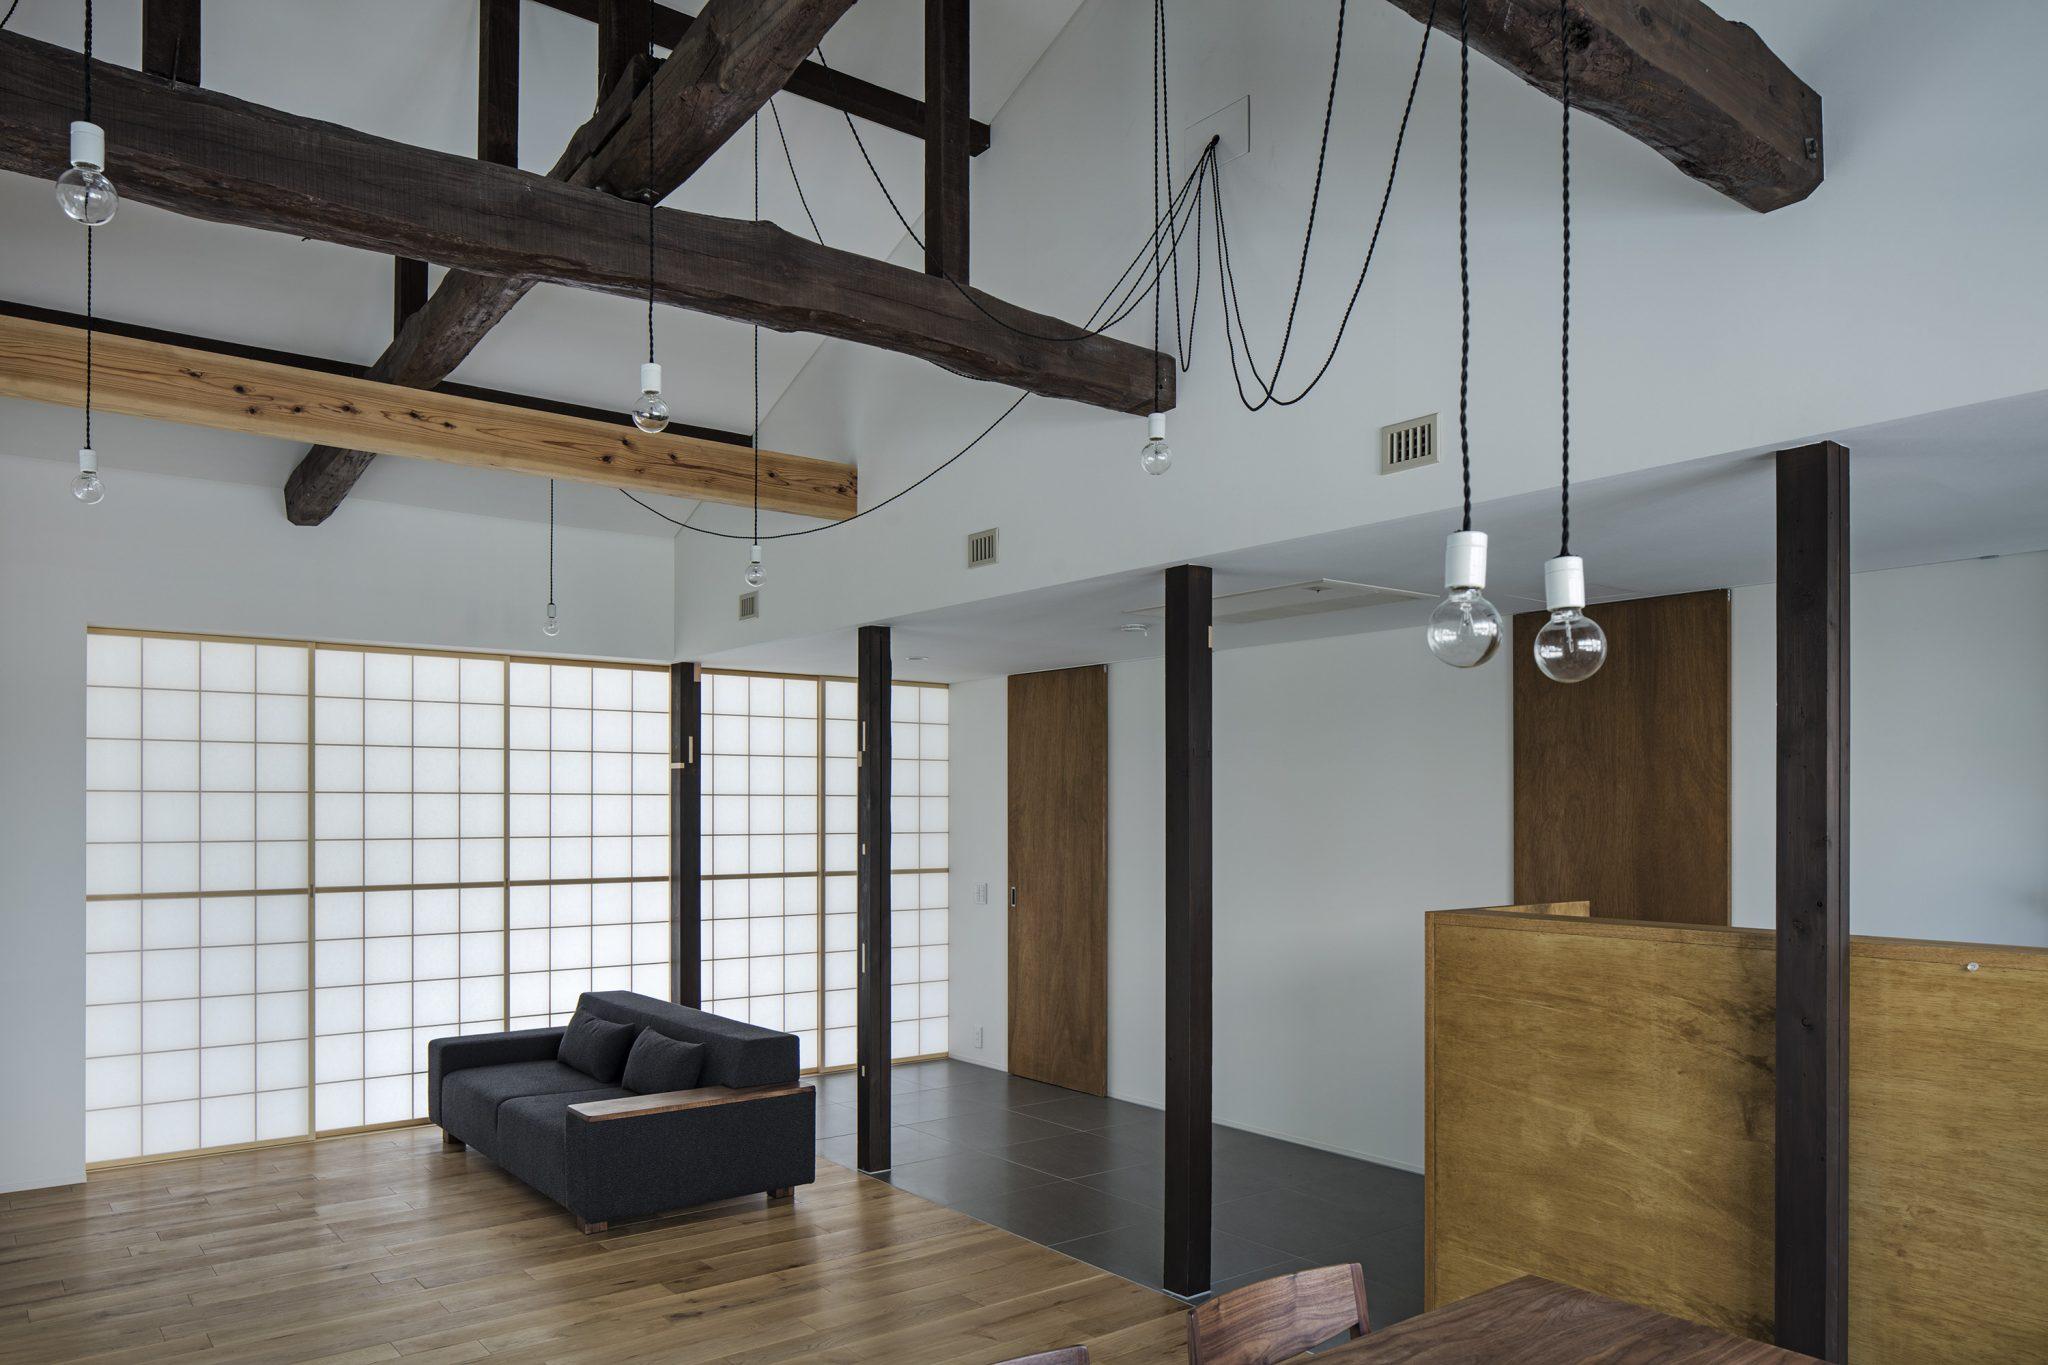 御殿の住宅 -リノベーション-|Residence in Goten by the renovation-180228_0200